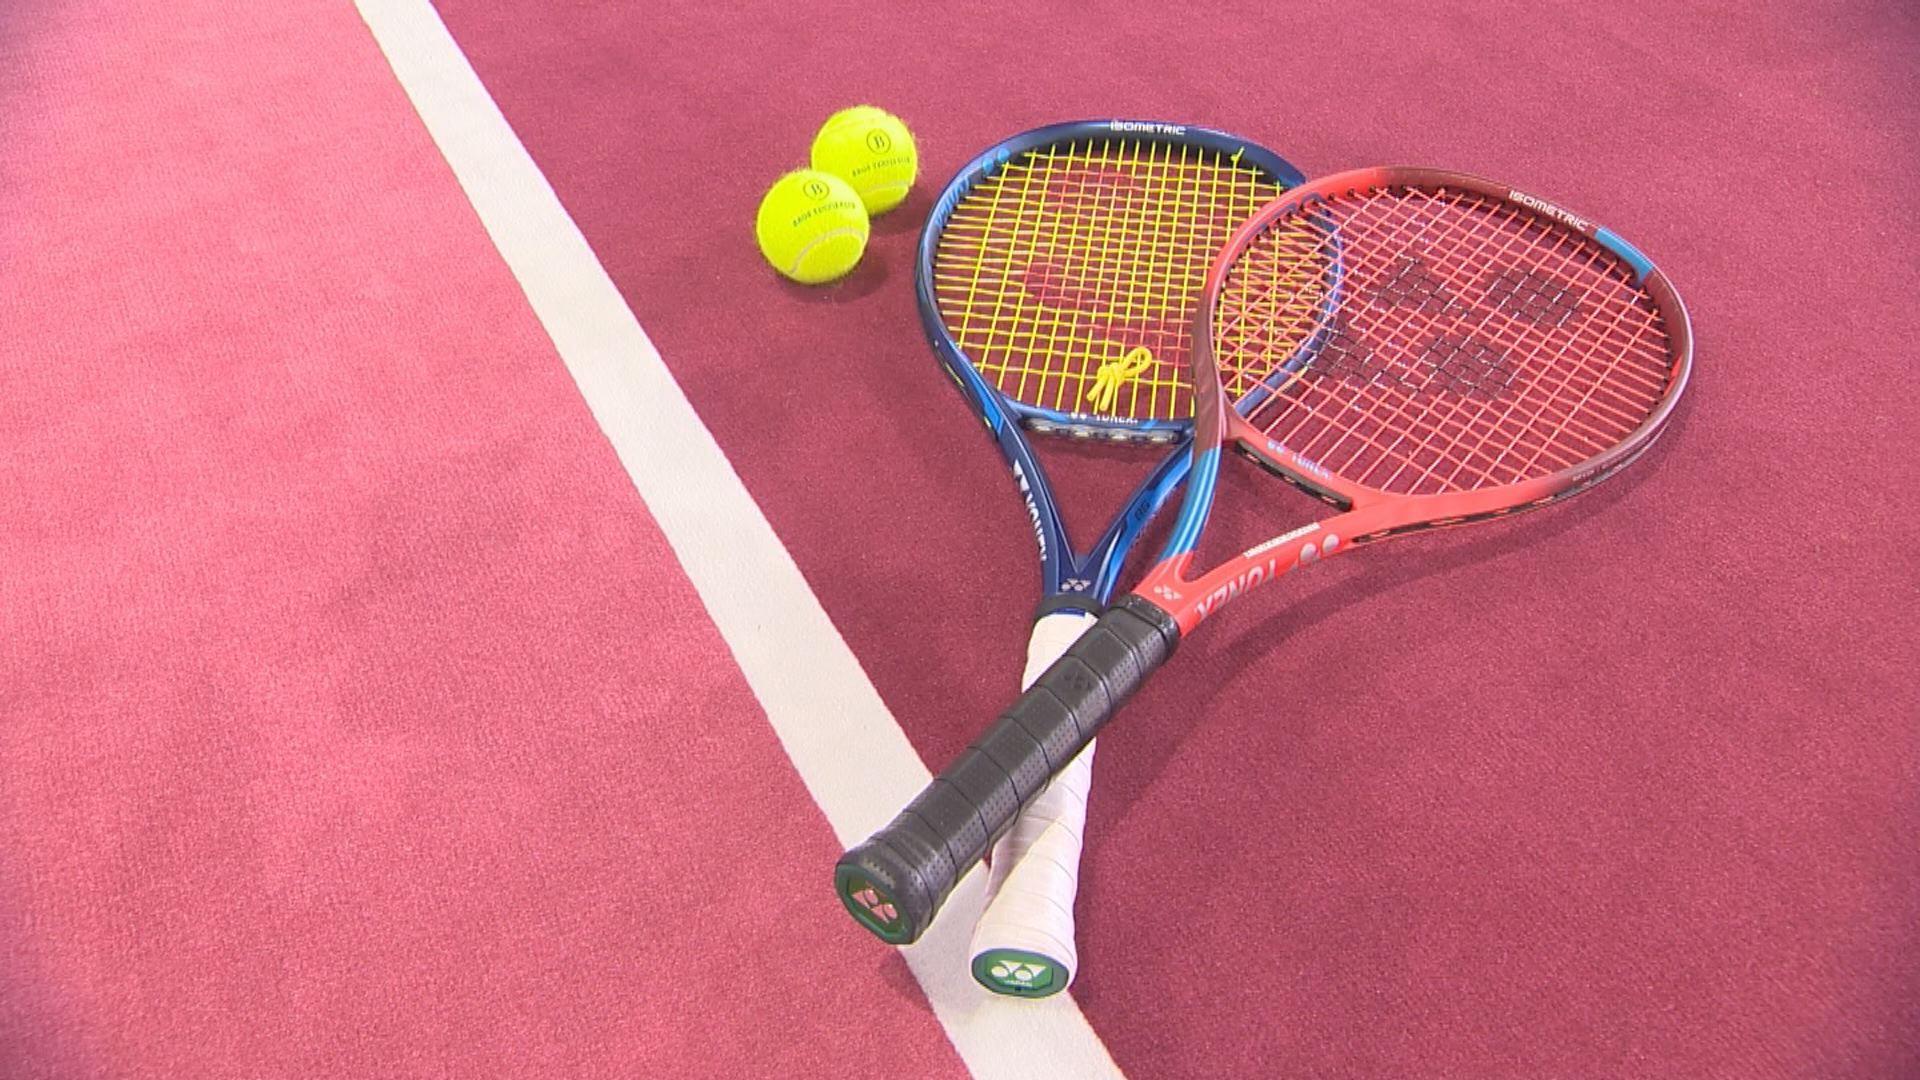 ブロステニスイメージ